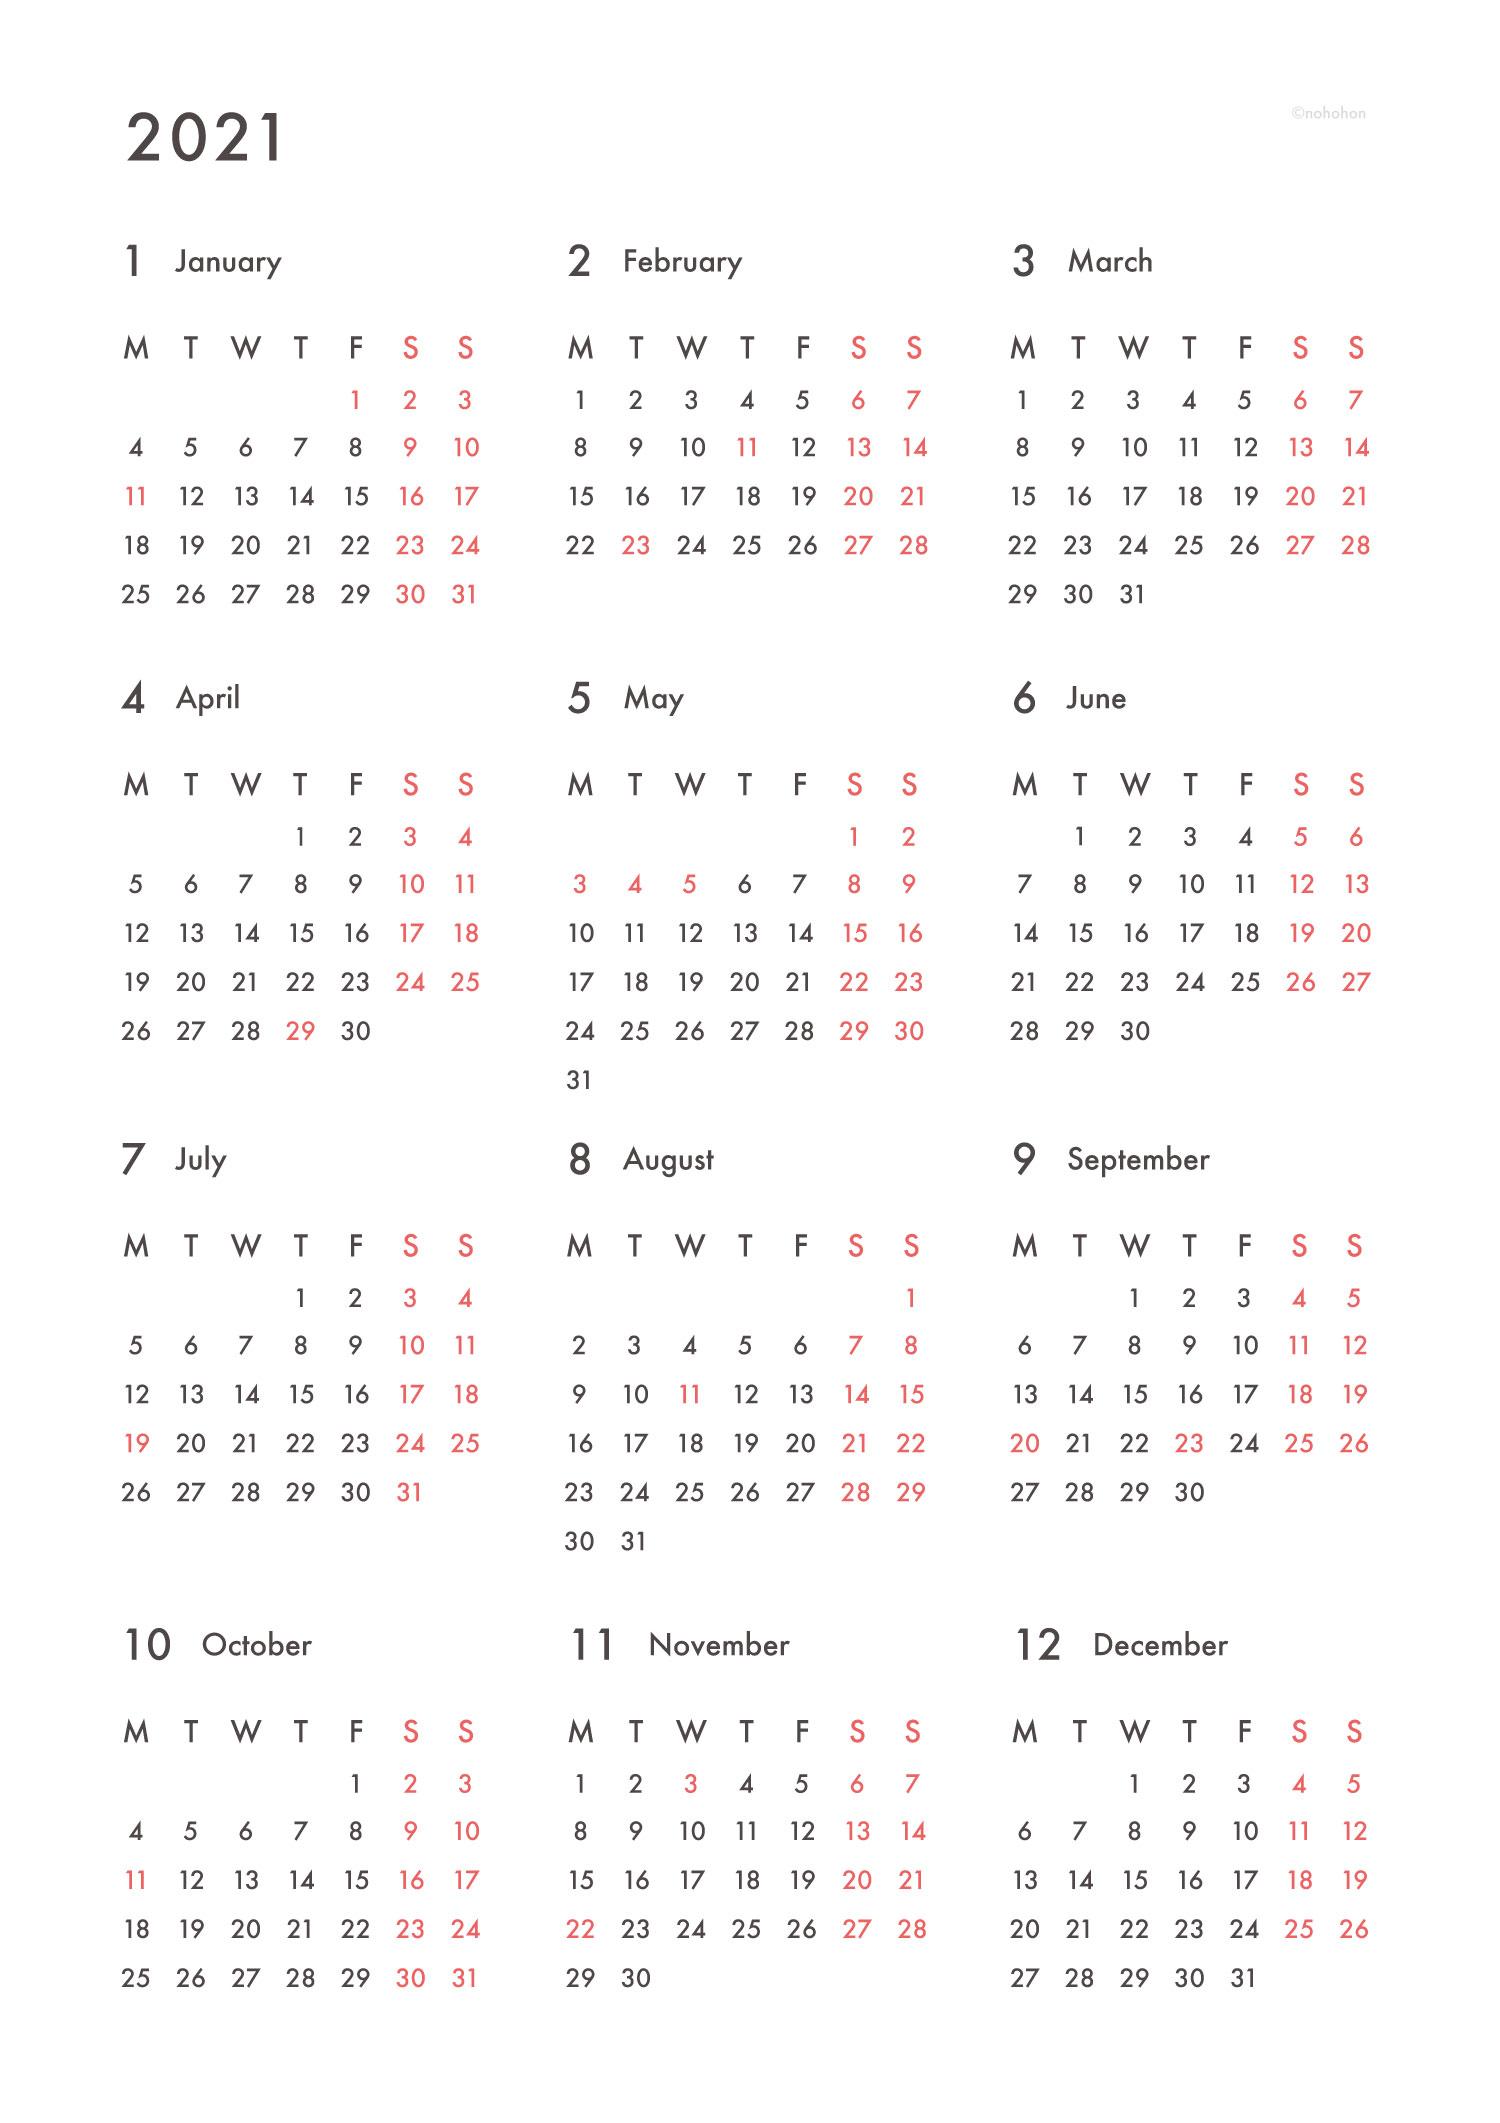 カレンダー 2021 無料 シンプル A4 サイズ 2021(2022)年カレンダー|ちびむすカレンダー